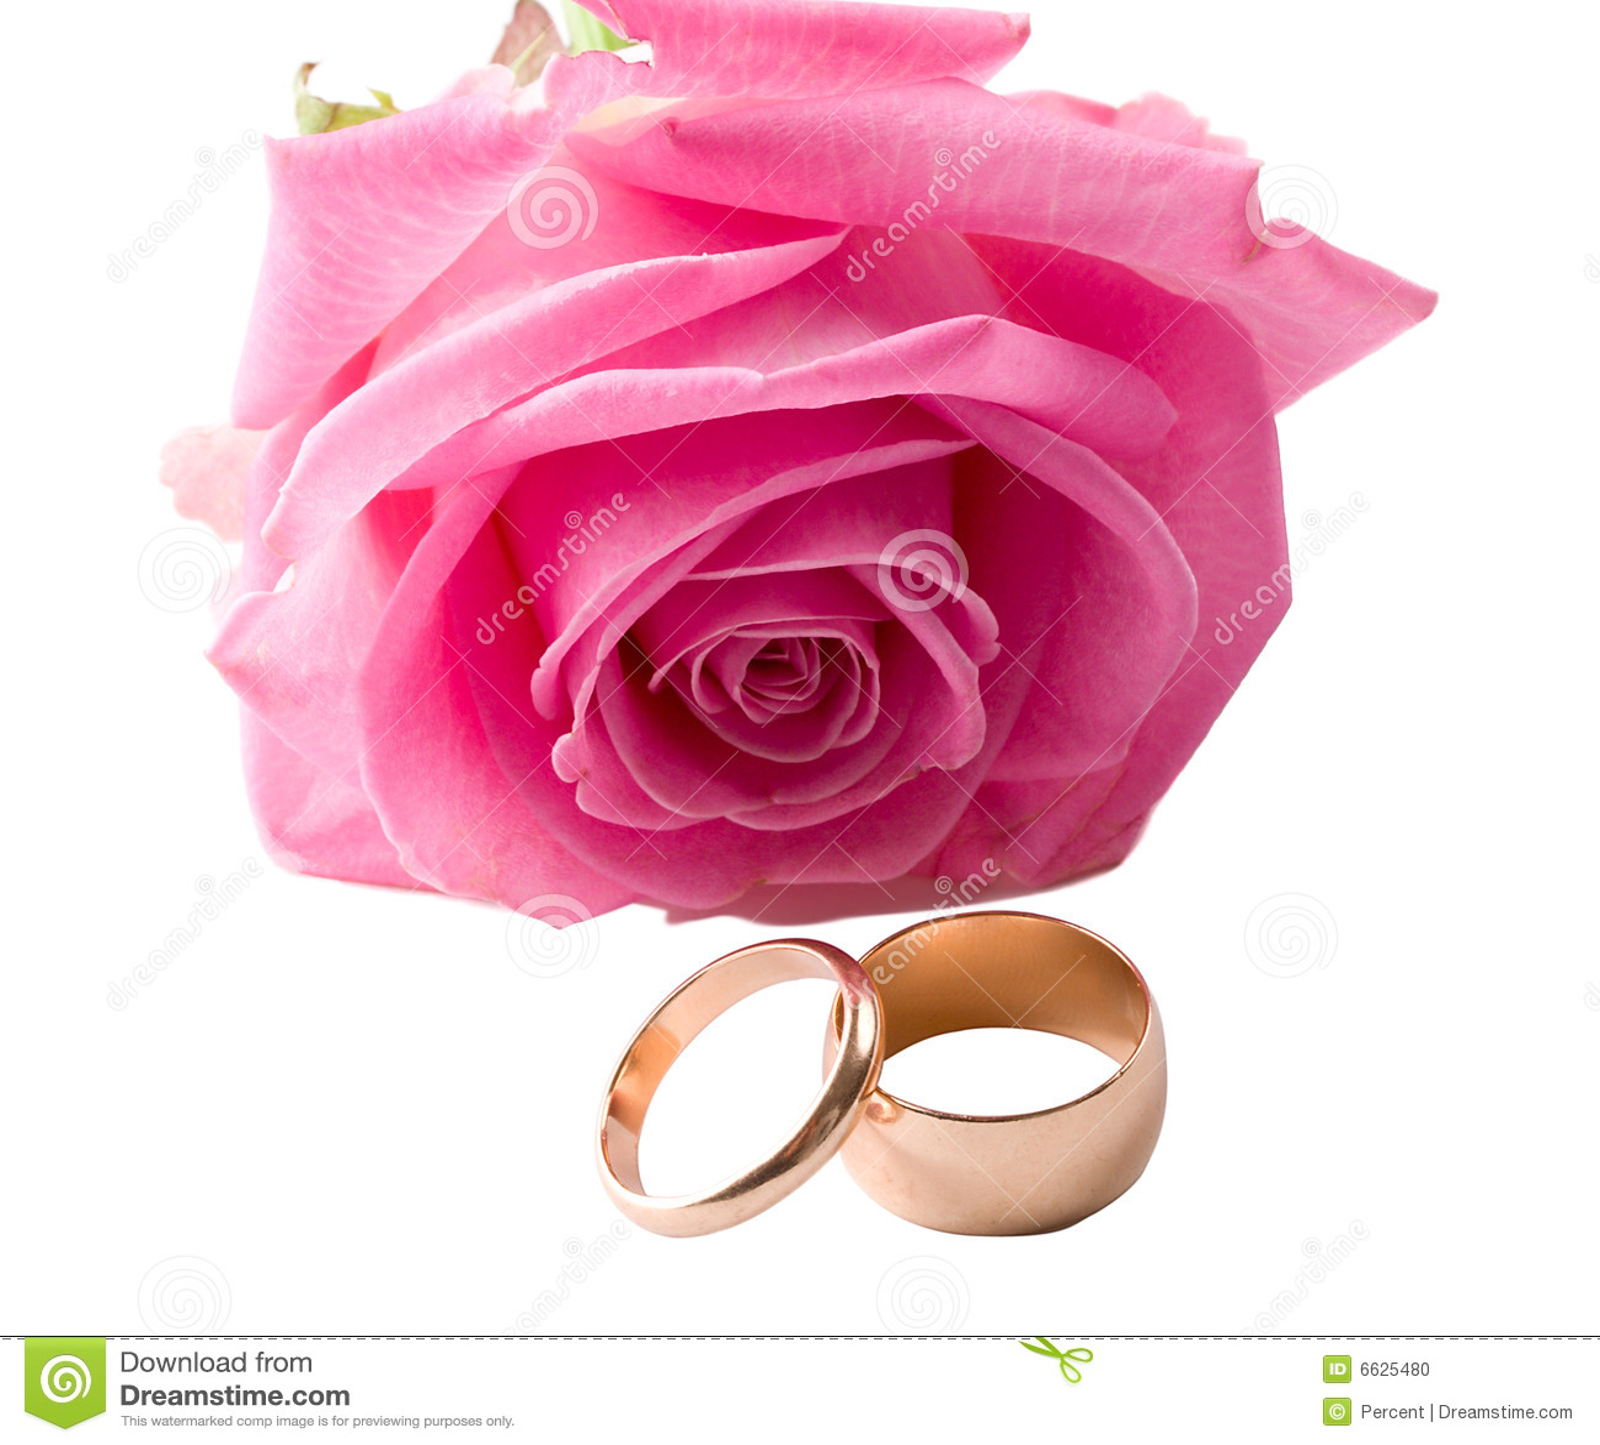 royalty free stock image two wedding rings pink rose flower image pink wedding rings Close up pink rose and two wedding rings Stock Photo